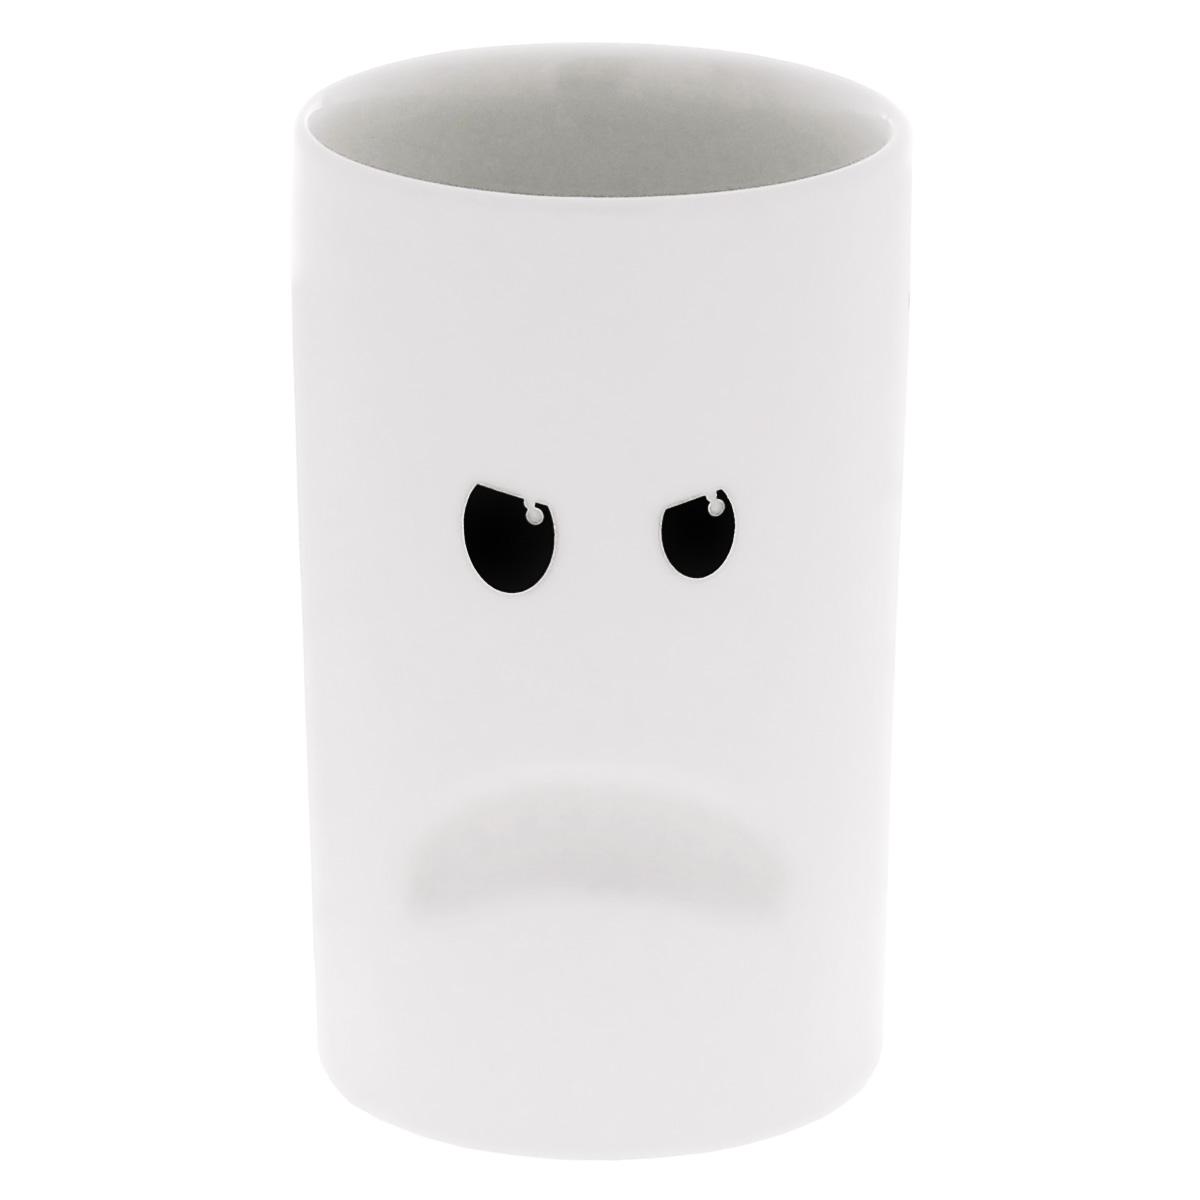 Кружка Thabto Mood Mugs, цвет: черный, белый, 150 мл. MOOD MOMOOD MOКружка с двойными стенками Thabto Mood Mugs выполнена из высококачественного фарфора и оформлена красочным изображением хмурого смайлика. Такая кружка сделает чаепитие еще приятнее. Может послужить приятным и практичным сувениром. Объем: 150 мл. Диаметр кружки по верхнему краю: 7,5 см. Высота кружки: 12 см.